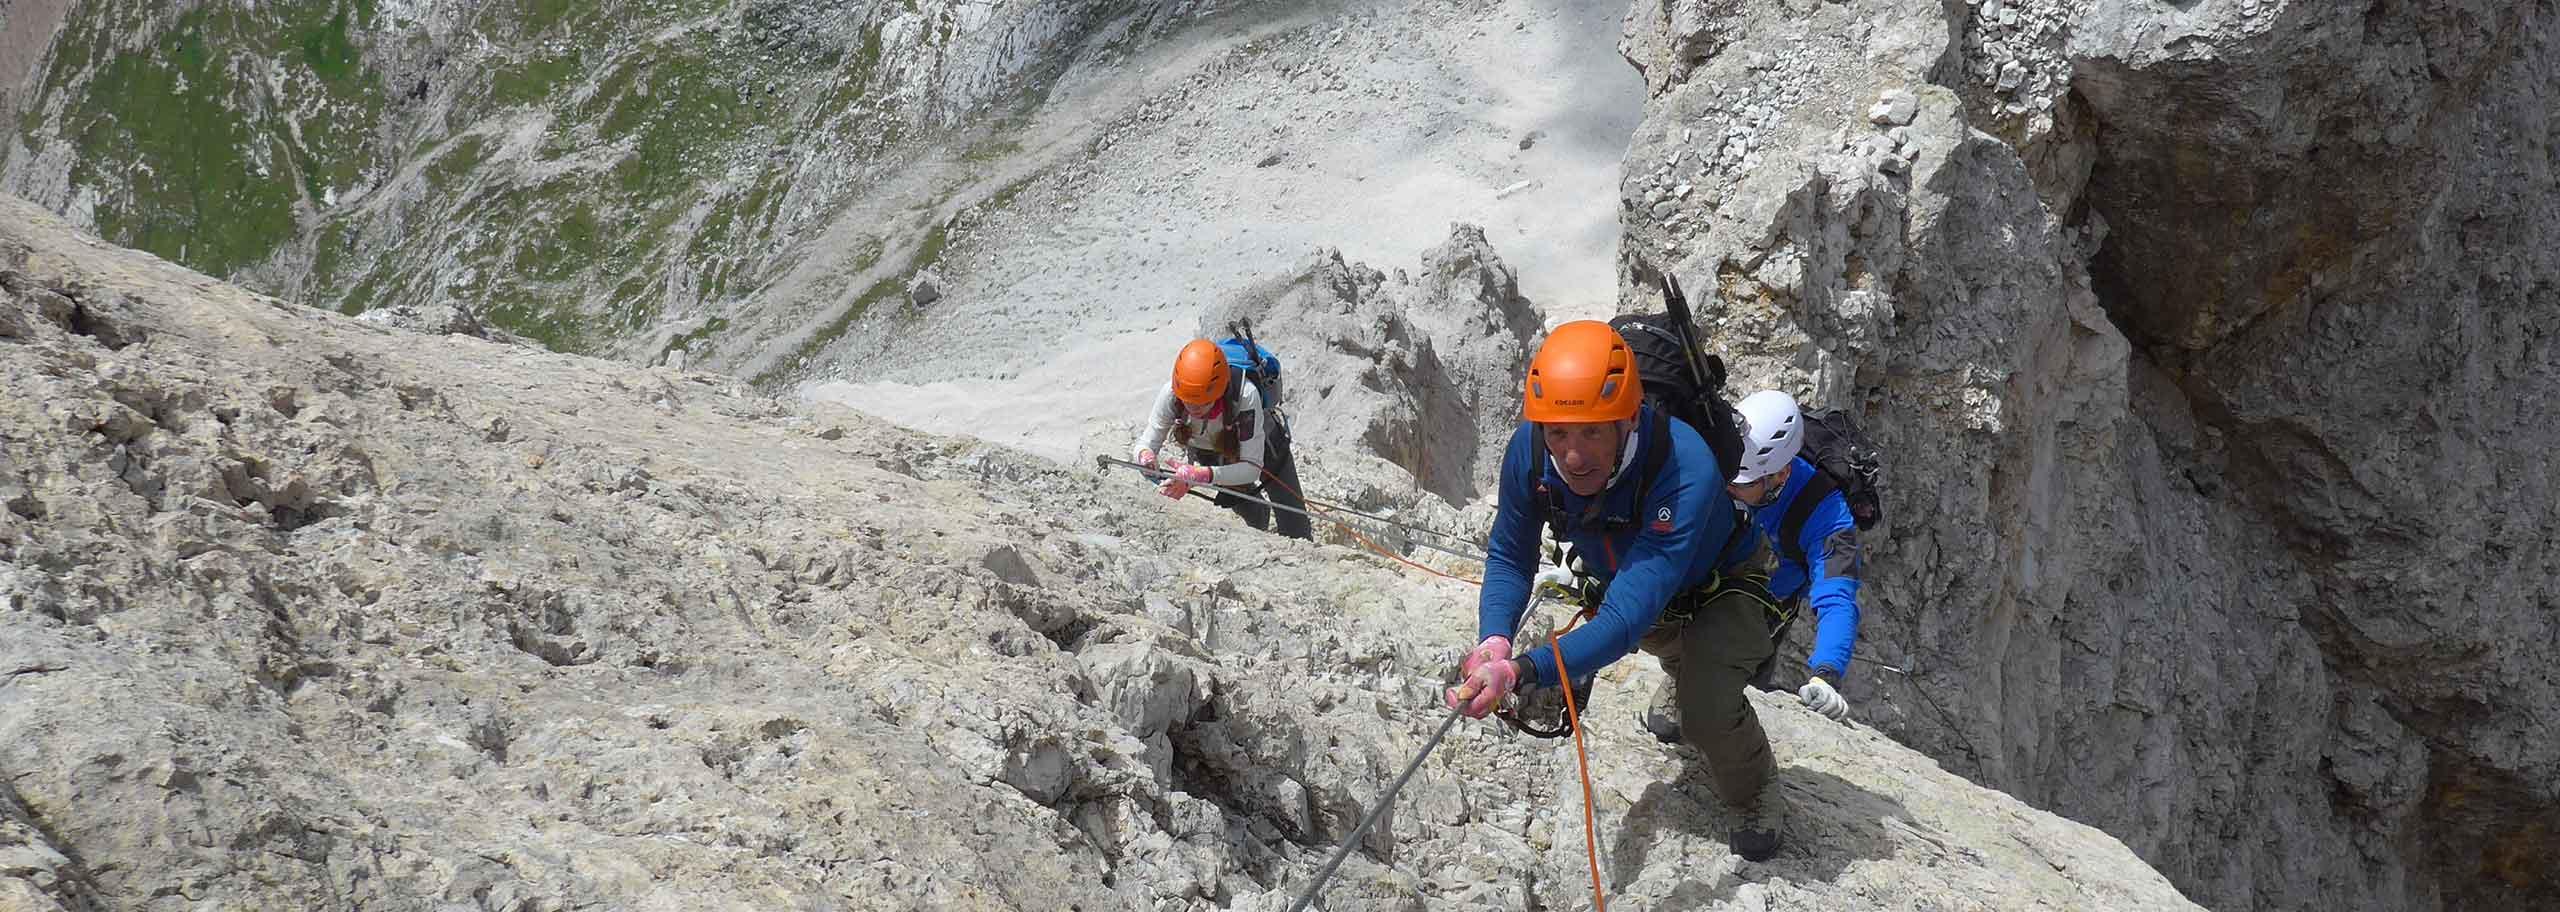 dc730e9f97b7c8 Via Ferrata con Guida Alpina in Valle di Anterselva - Powrock